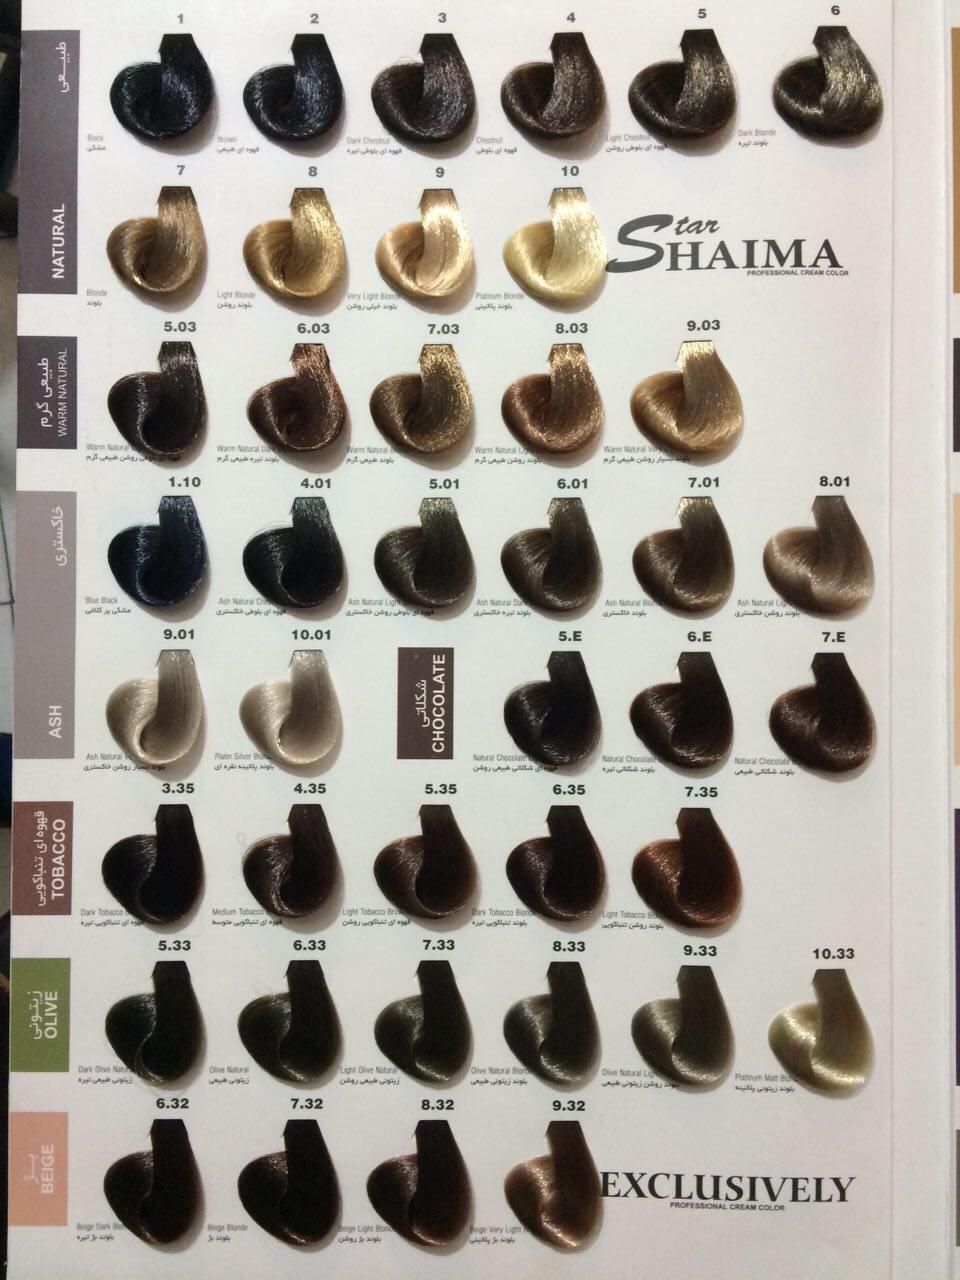 کاتالوگ محصولات شایما 2